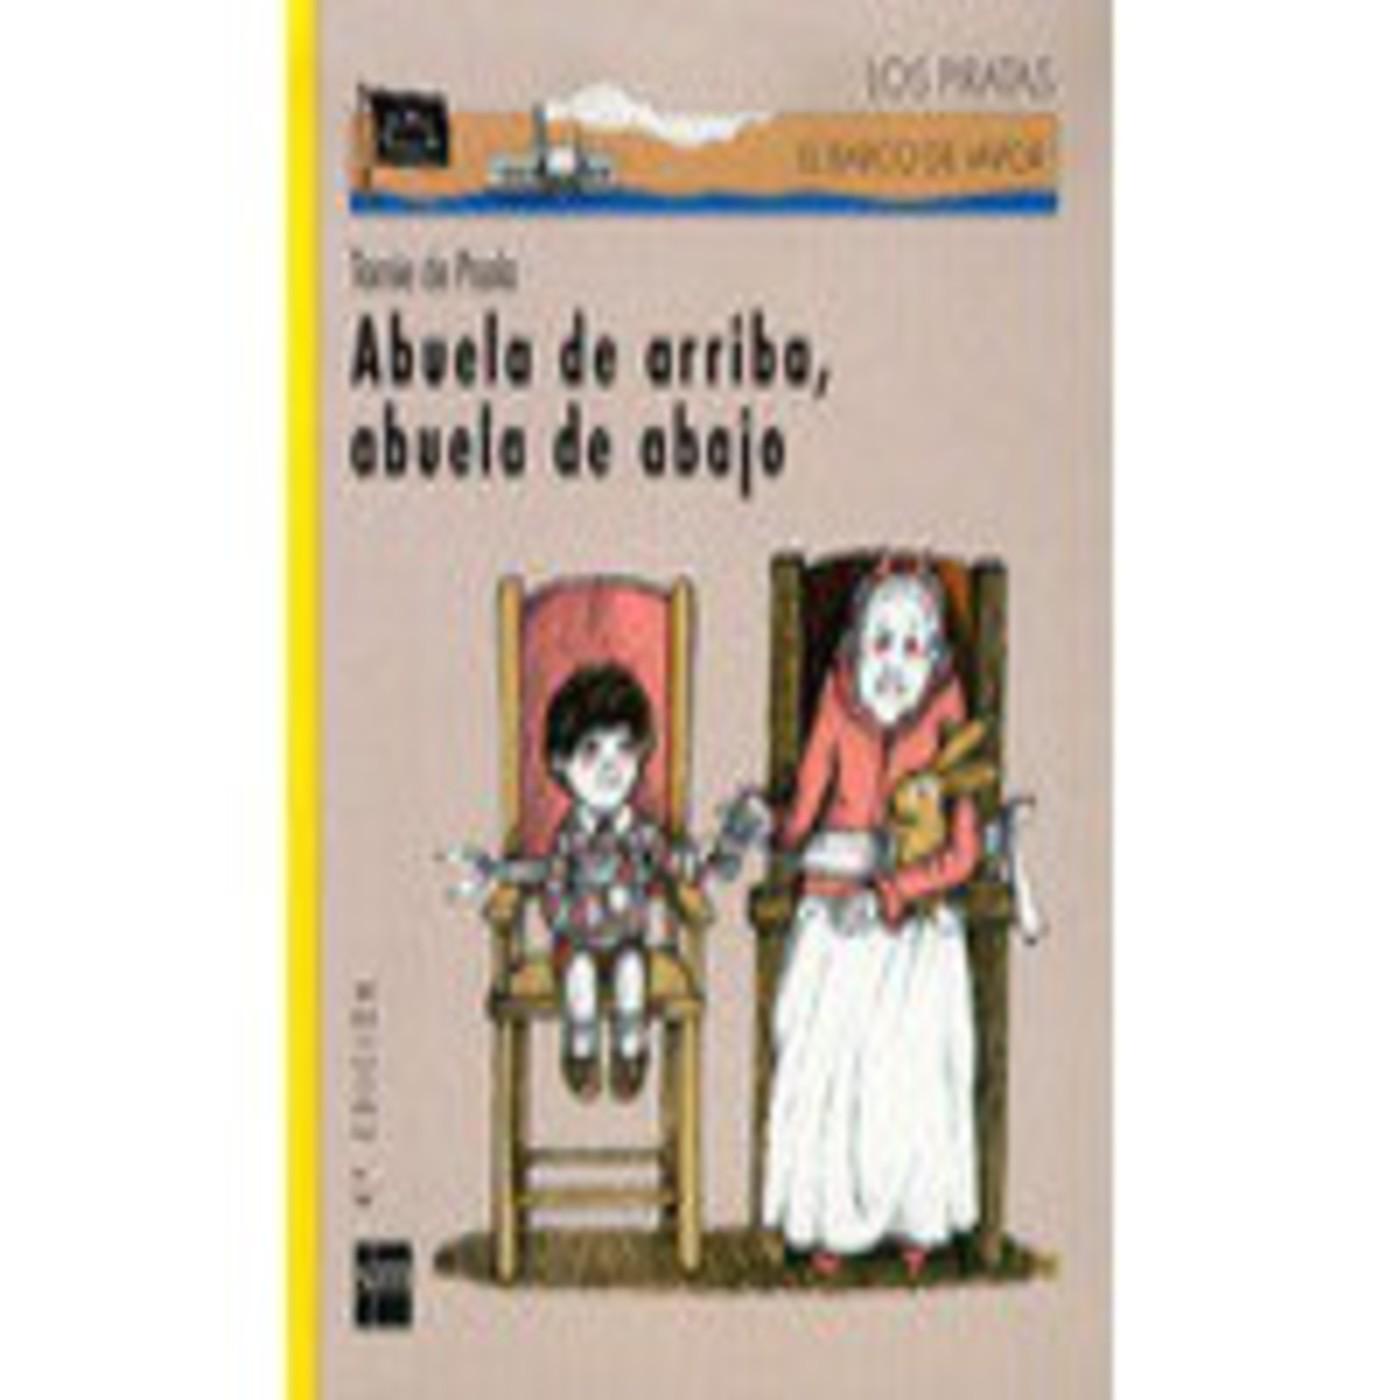 Abuela de arriba abuela de abajo en los cuentos de - En el piso de abajo libro ...